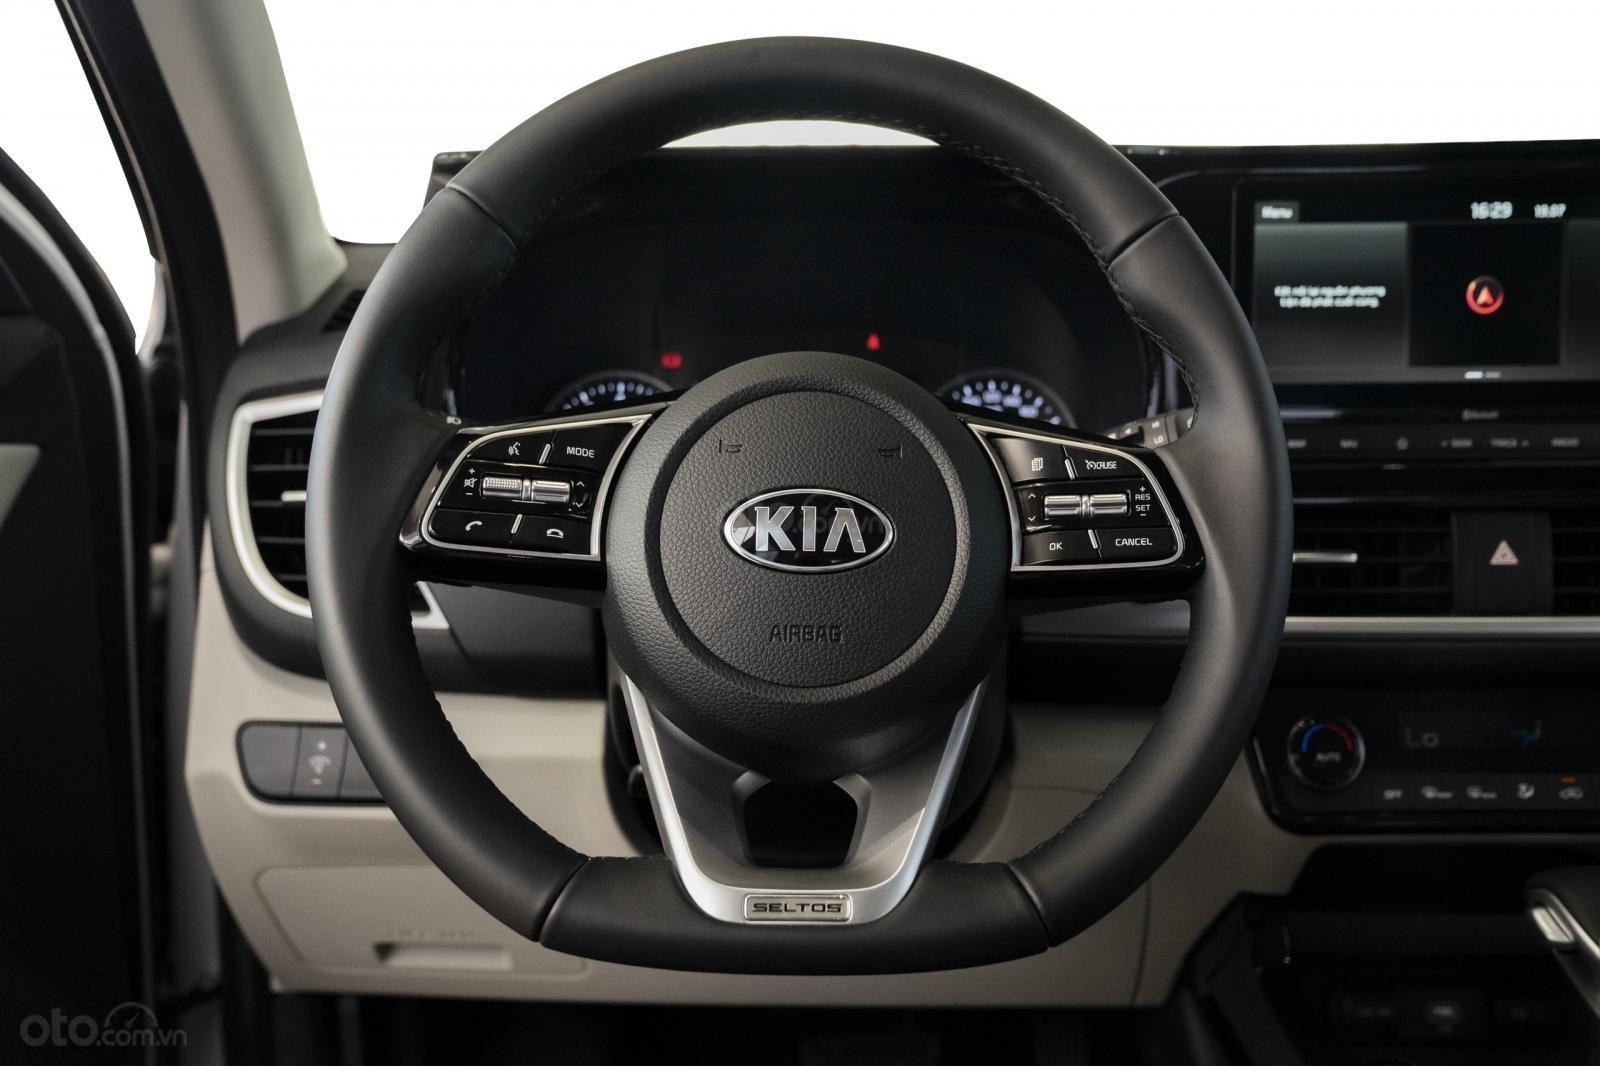 Kia Seltos 1.4 Premium cam - đen, giao xe tháng 1/2021 (11)